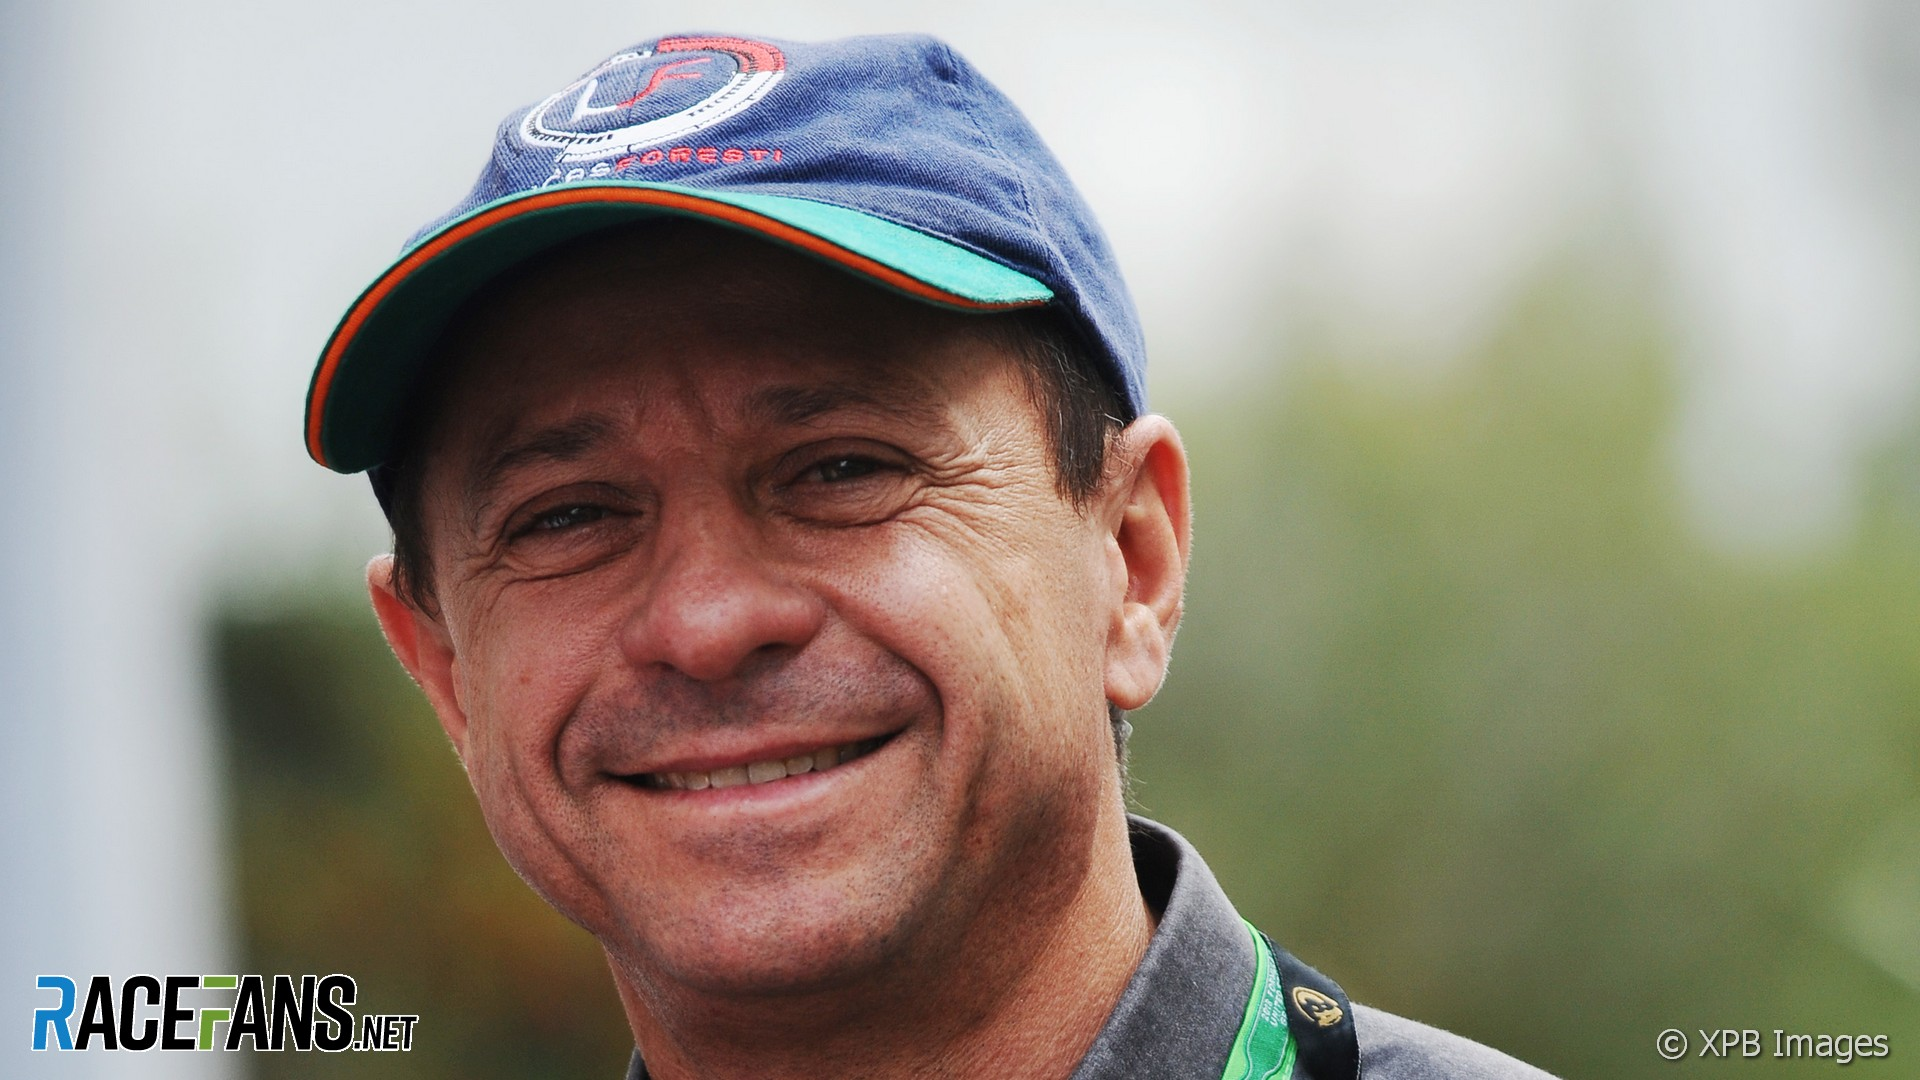 Roberto Moreno, 2013